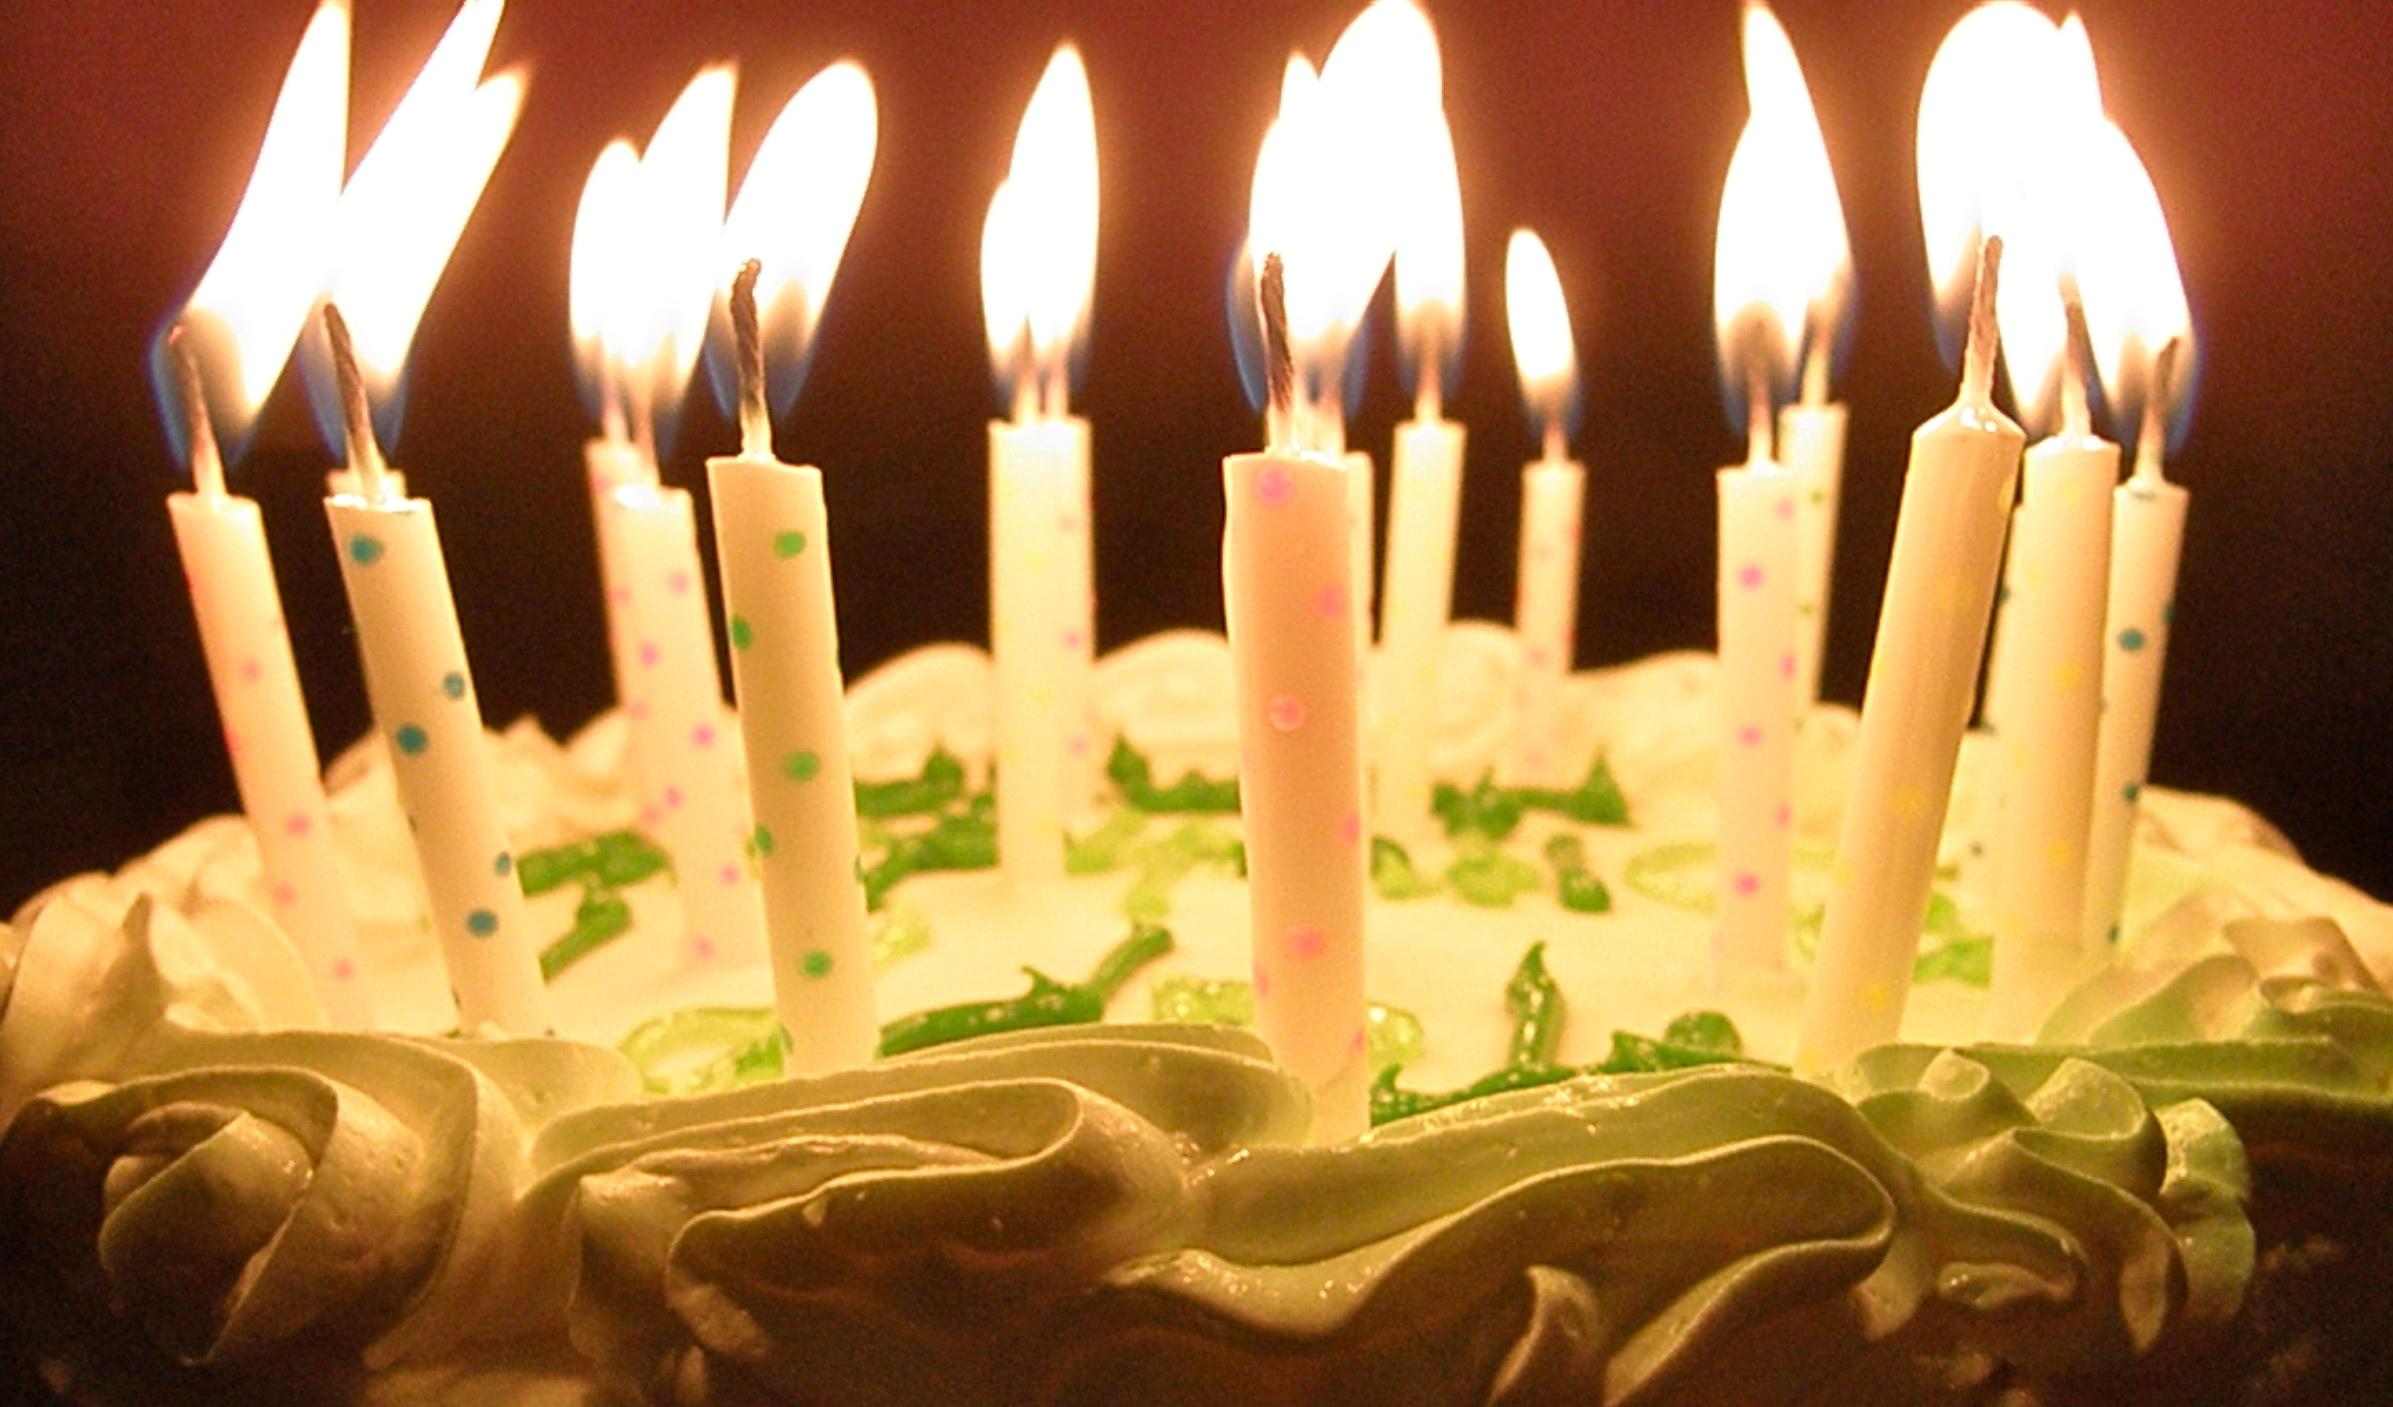 Торт со свечами на день рождения картинки